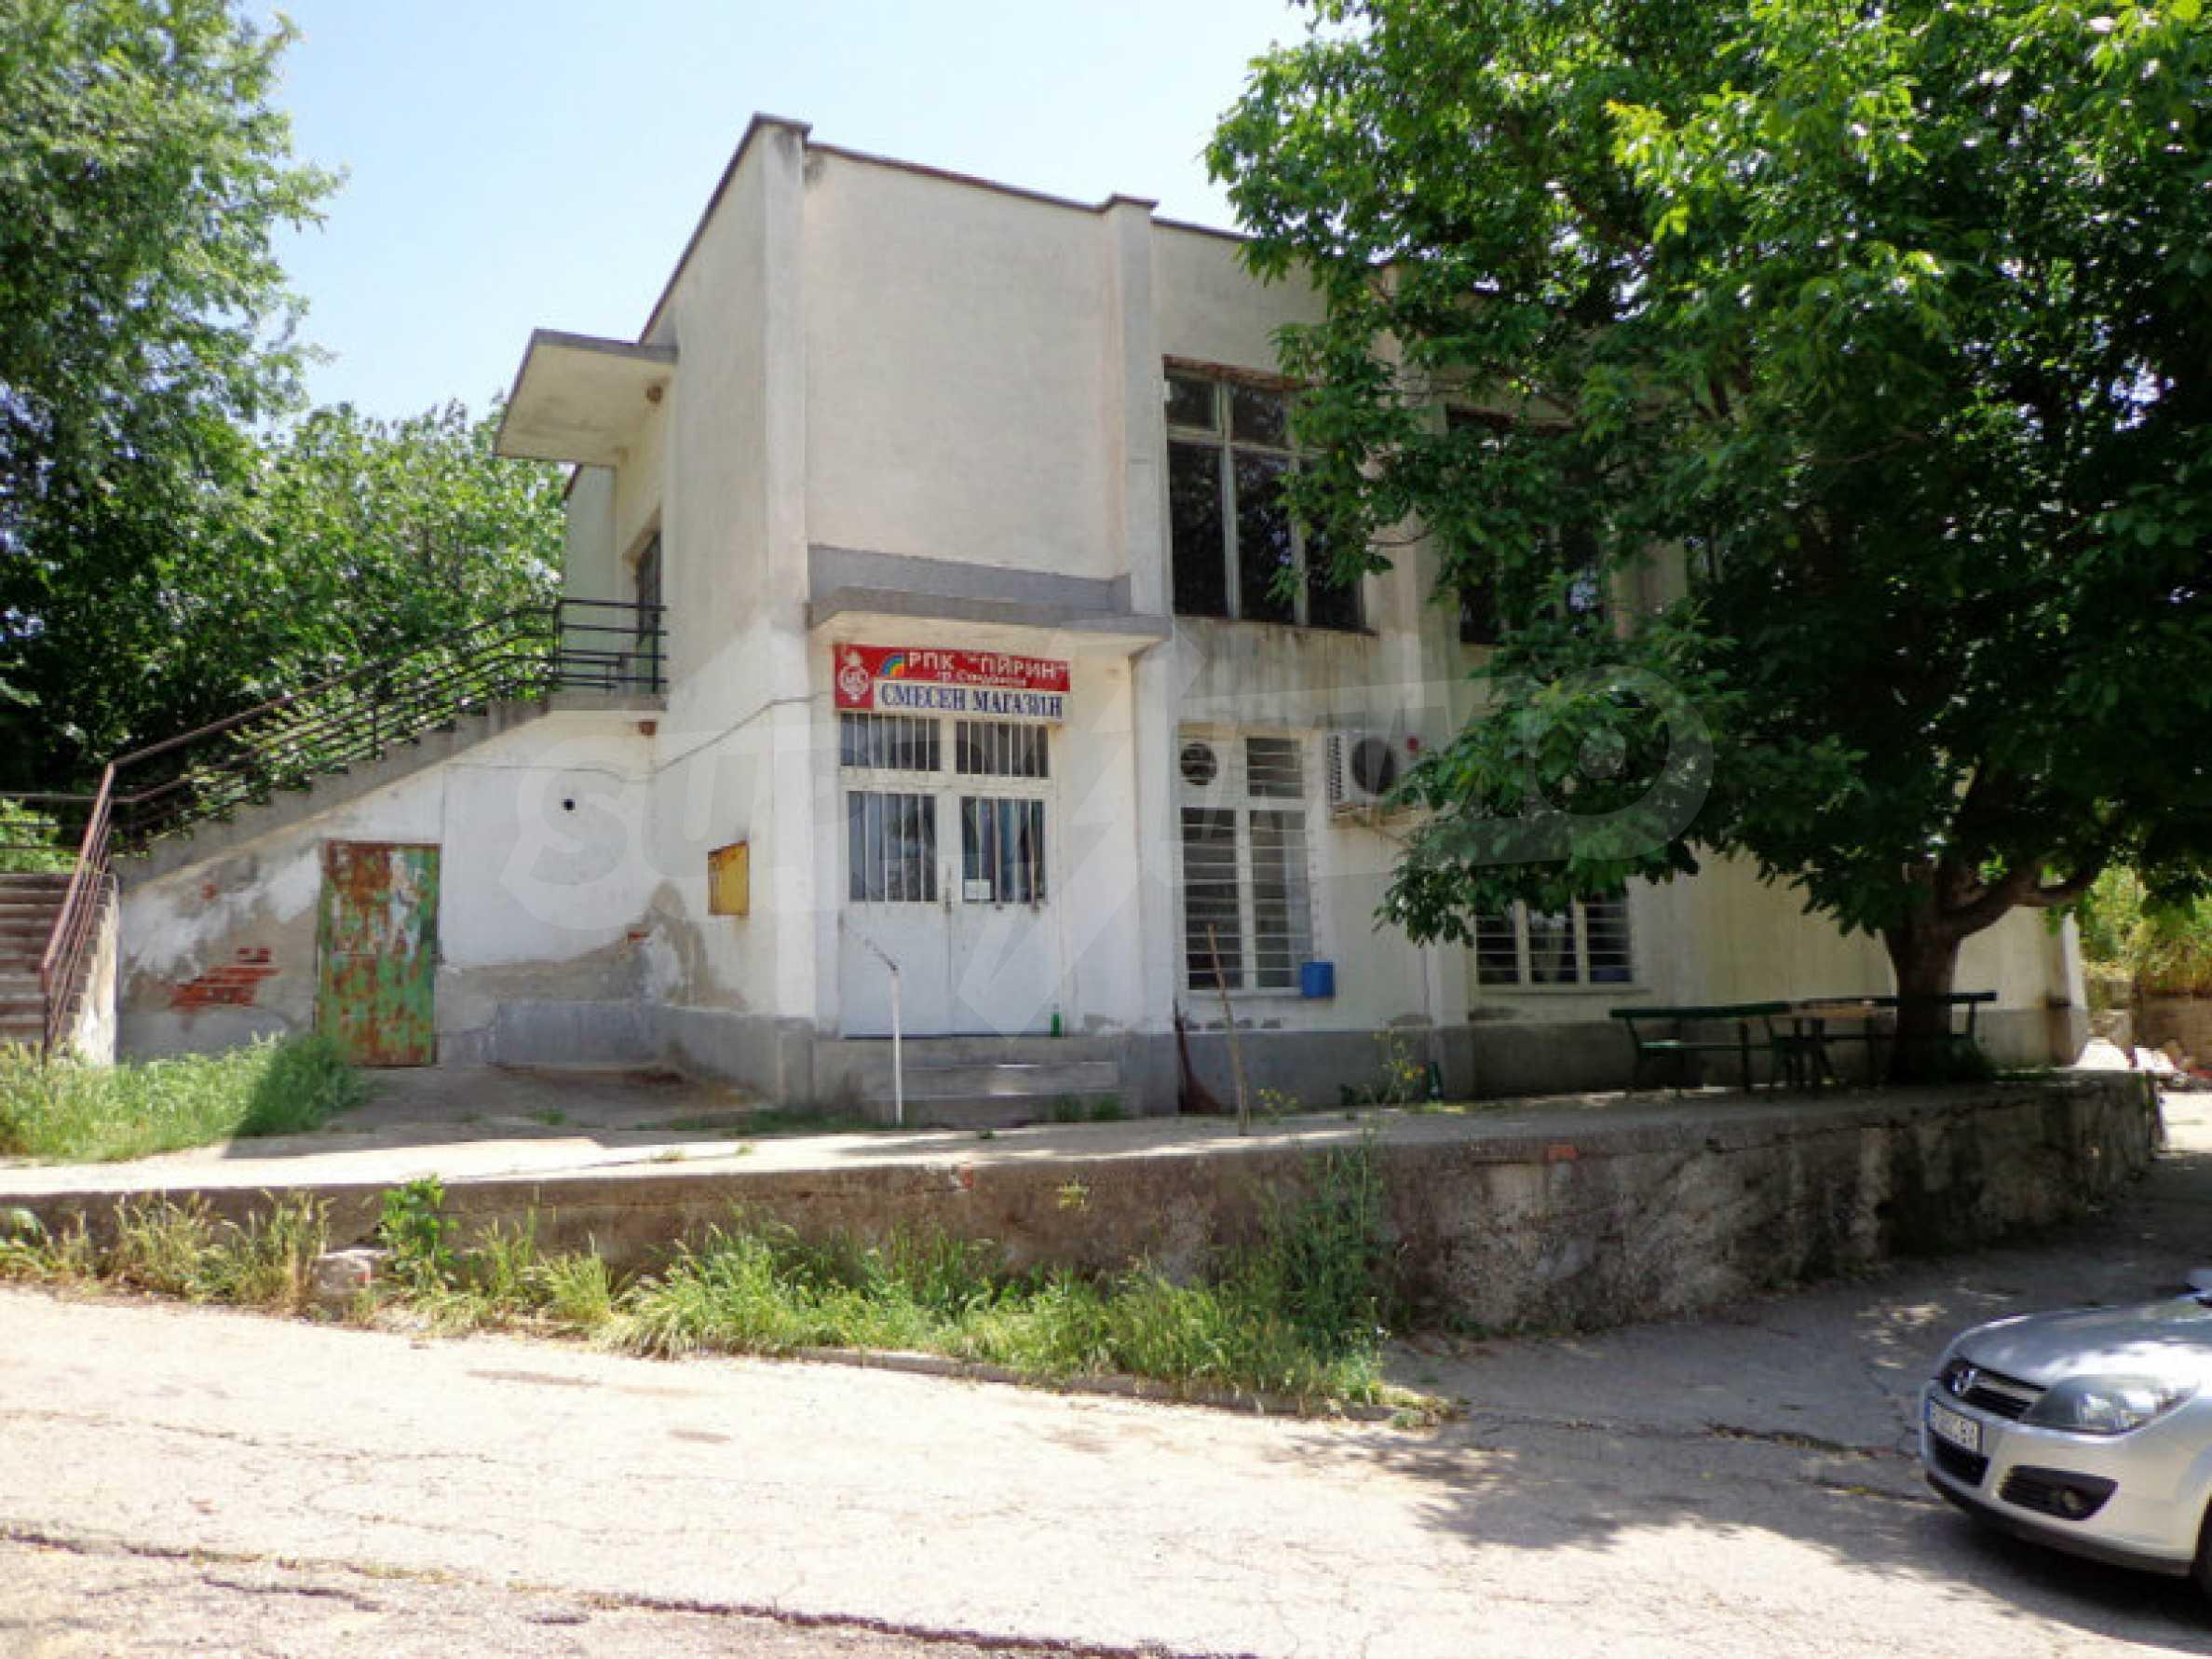 Grundstück zum Verkauf in einem malerischen Dorf 12 km von Sandanski entfernt 6